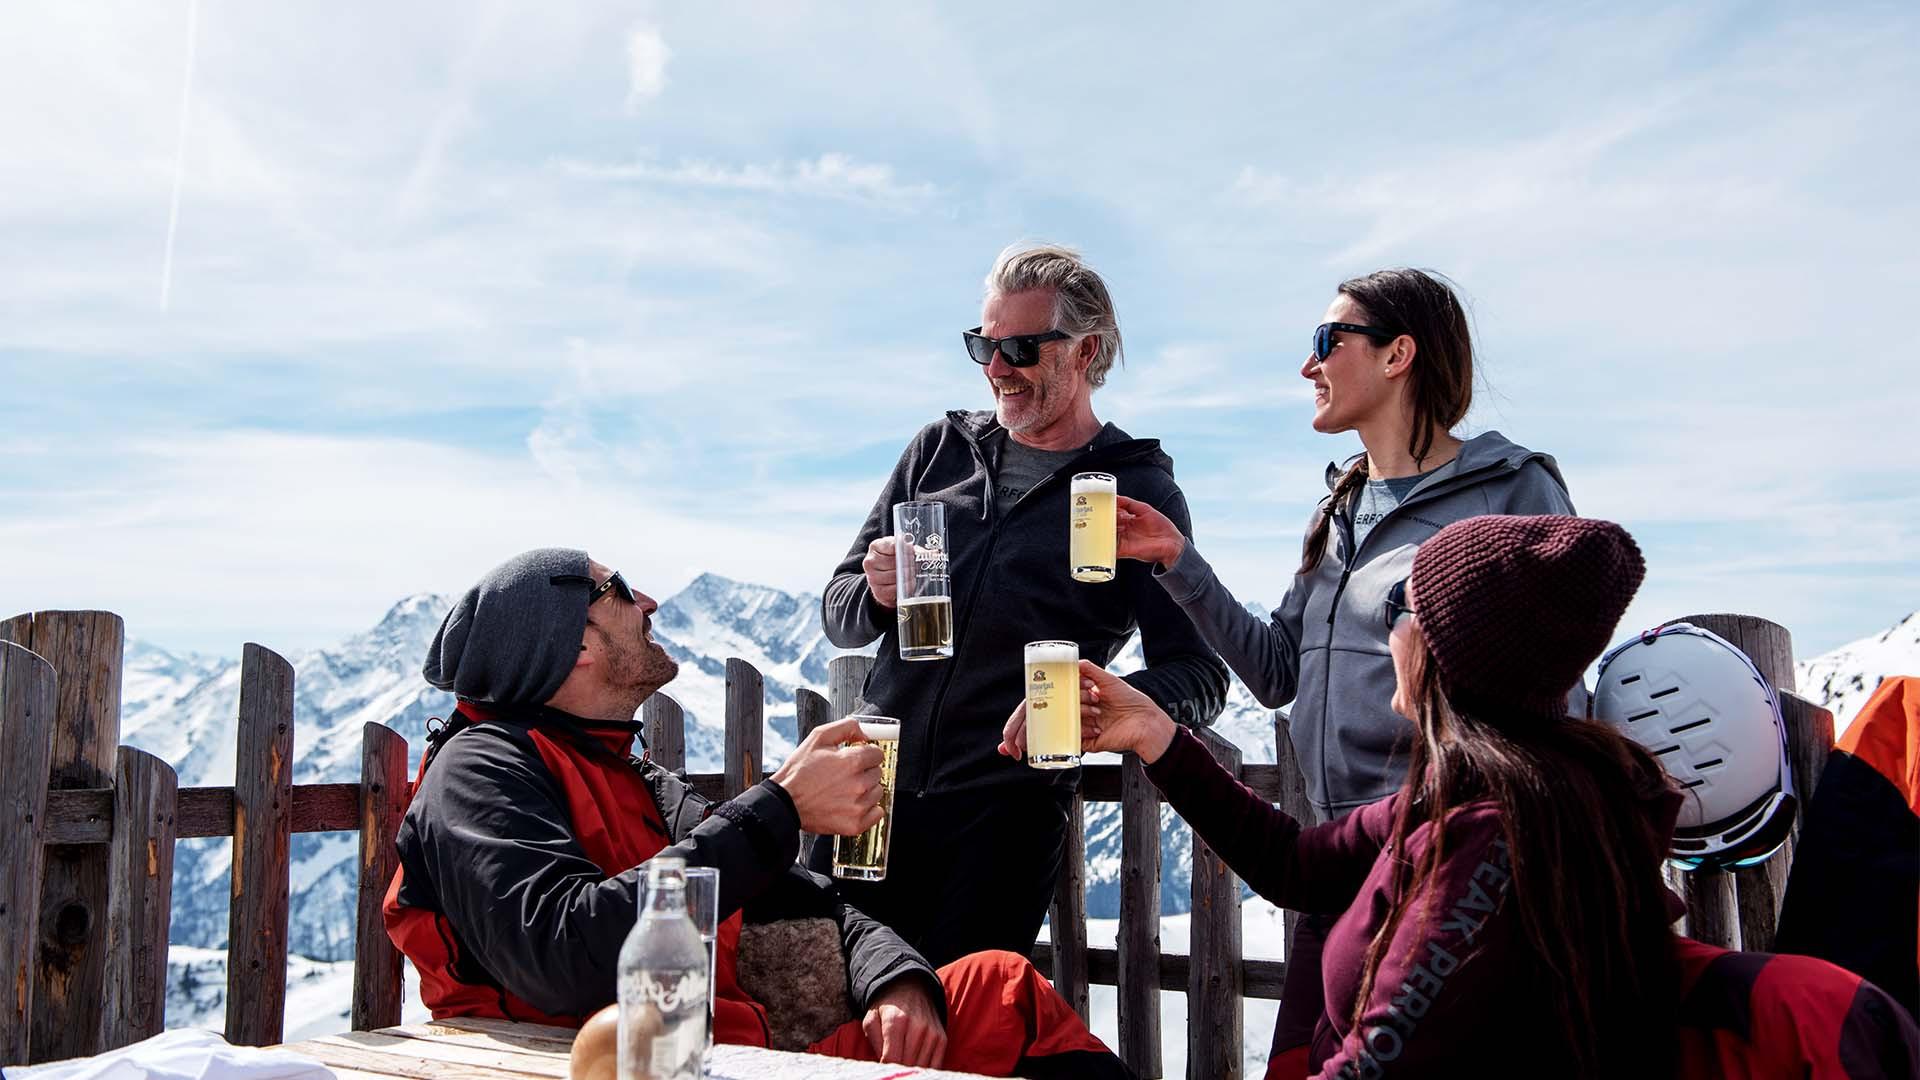 Après ski in Zillertall, Austria